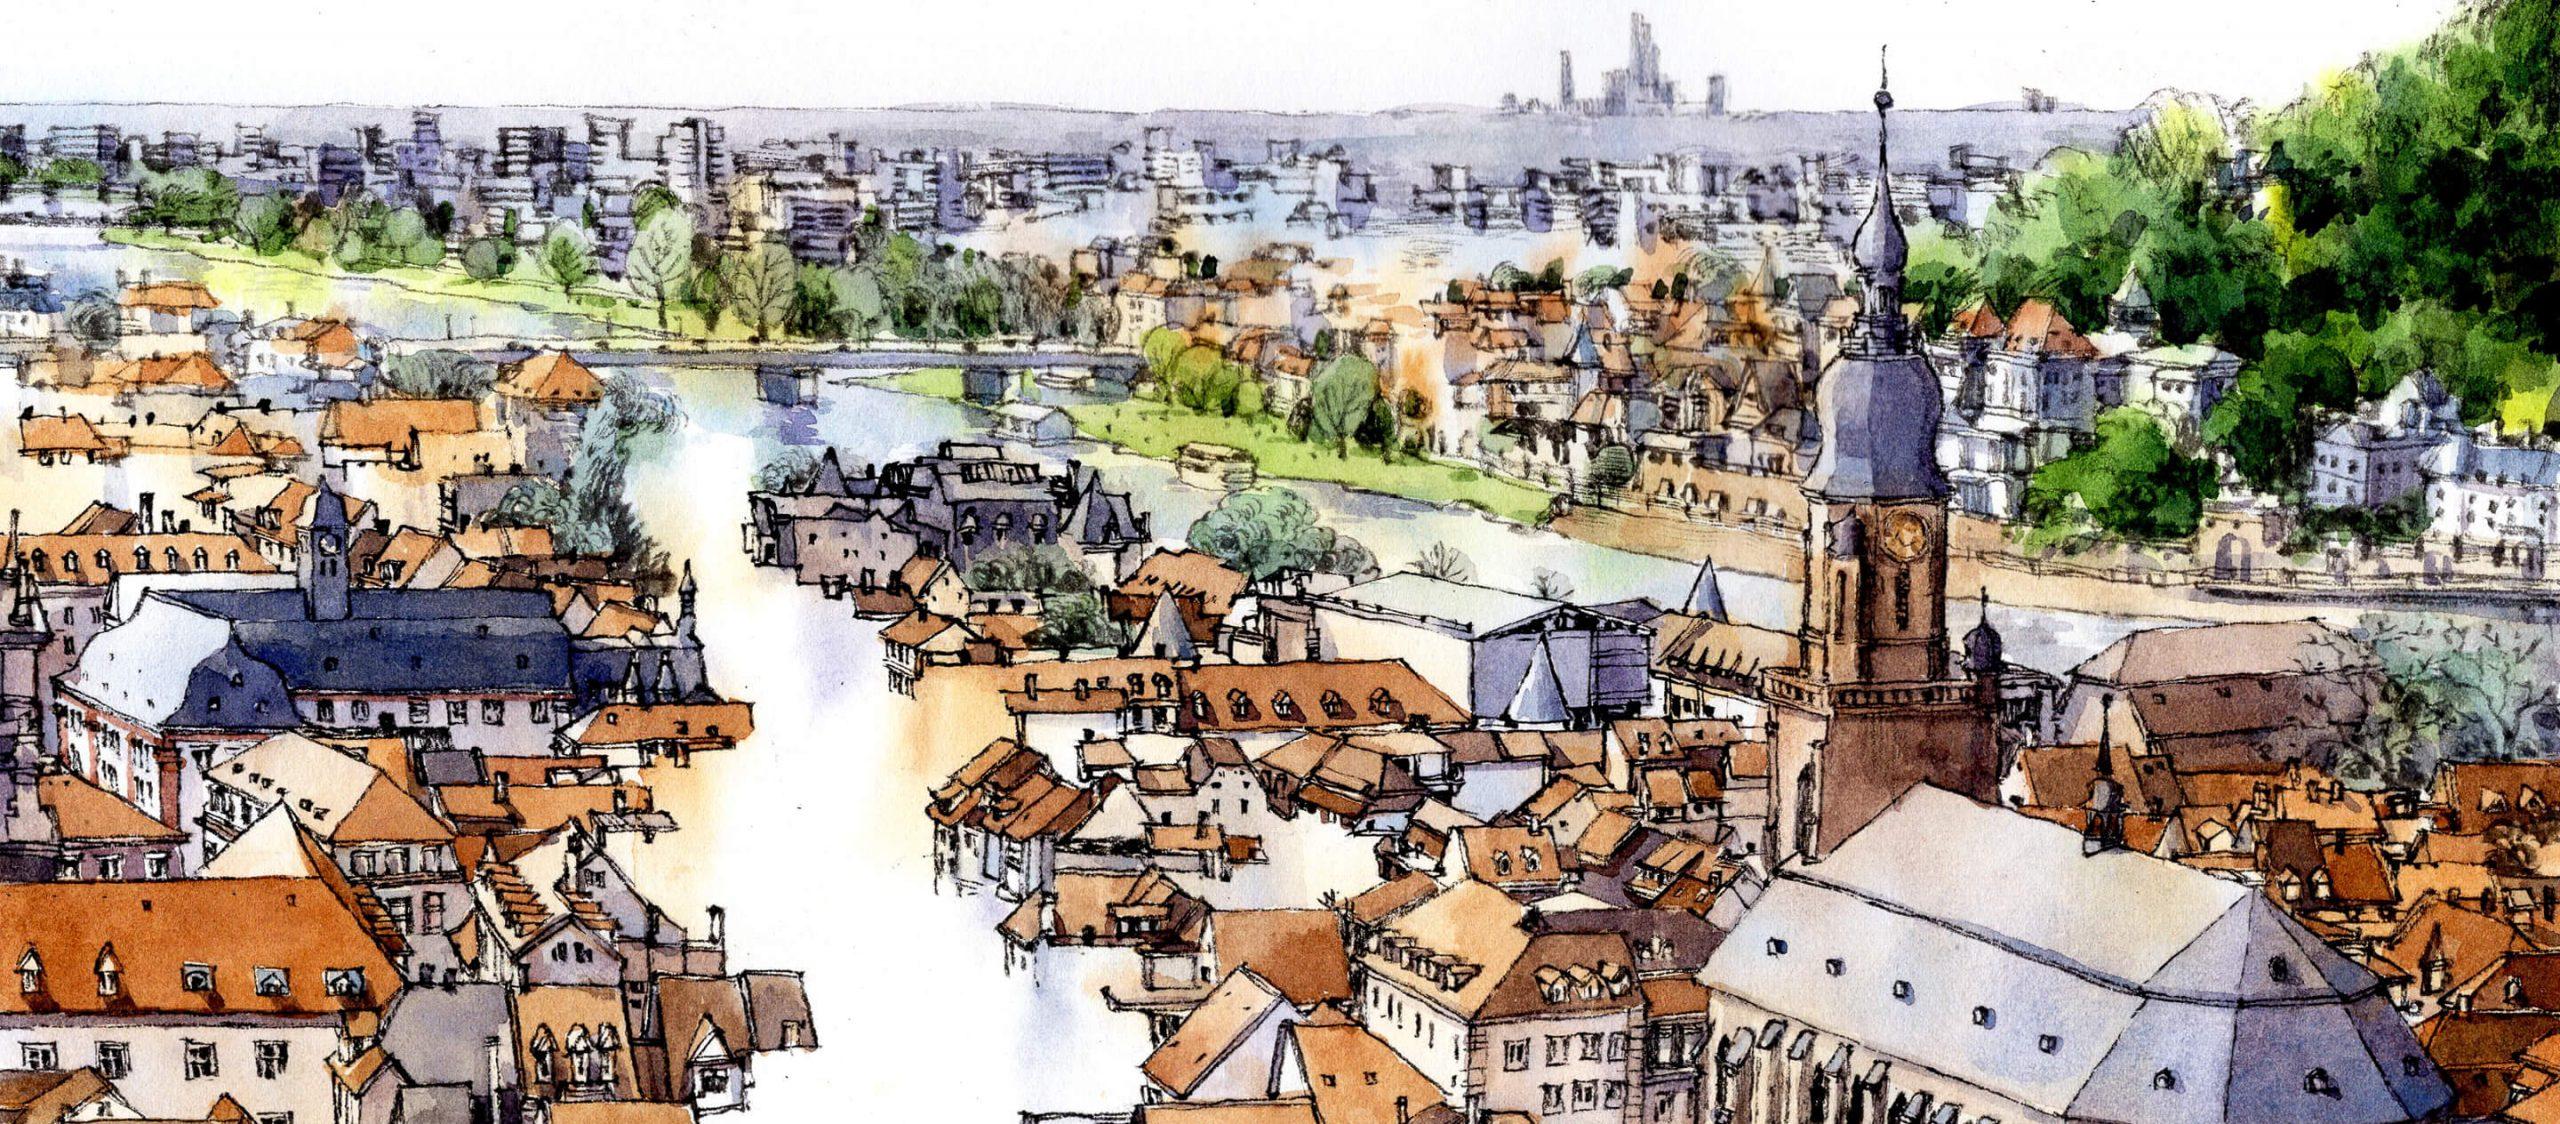 Cities Heidelberg : วรรณกรรมและวิทยาศาสตร์ ในบรรยากาศเมืองมหาวิทยาลัย